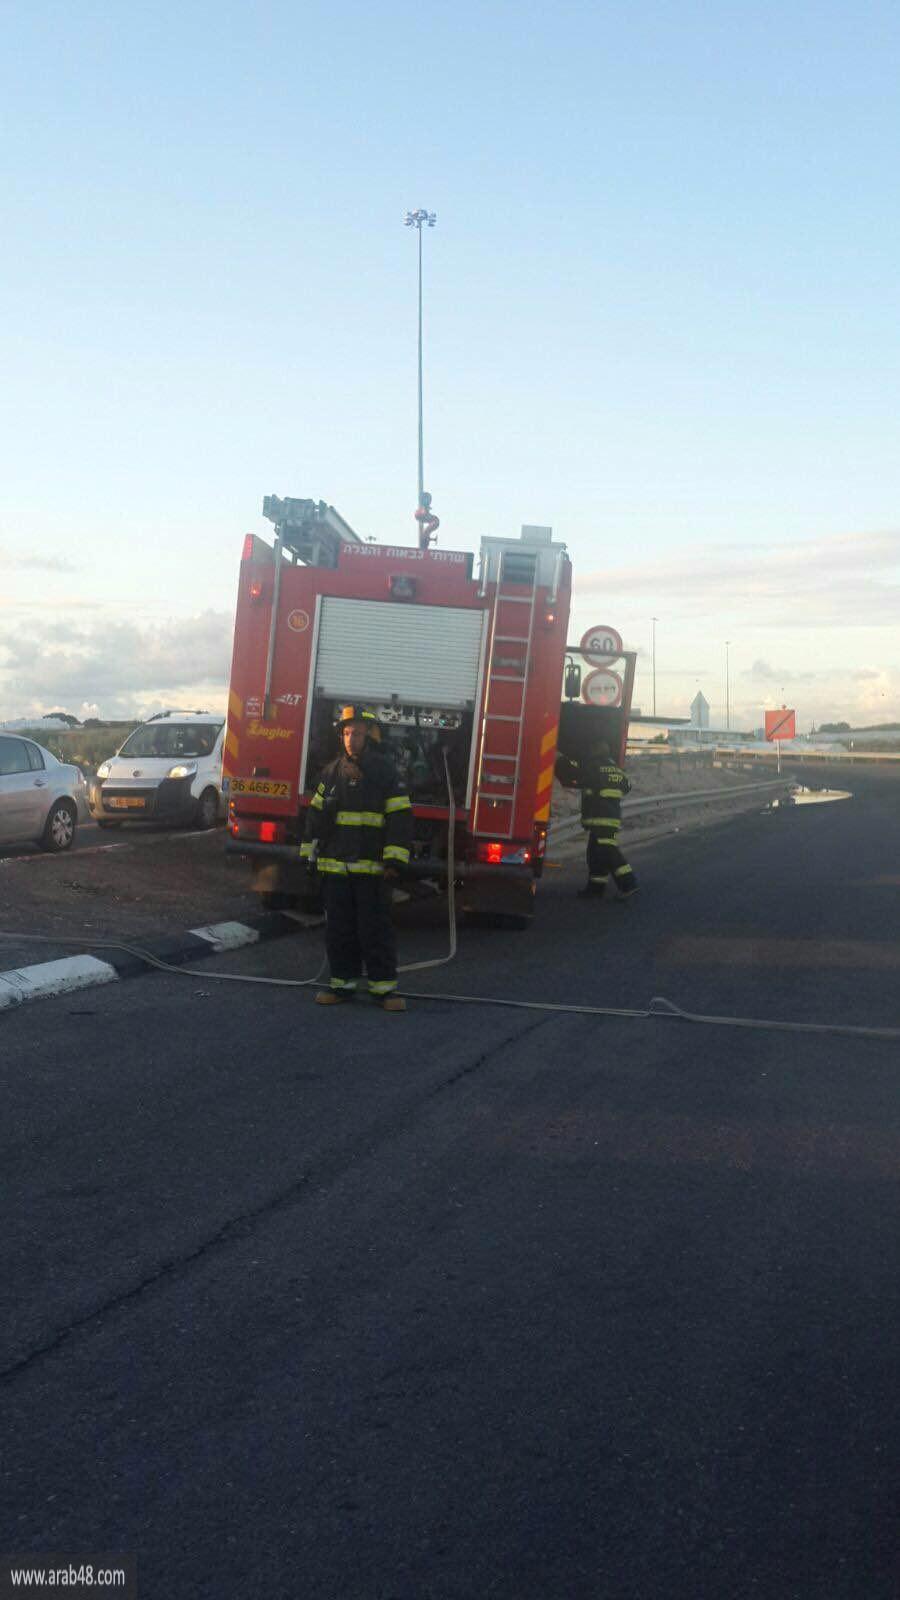 إصابة 16 في حادث طرق بالقرب من باقة الغربية